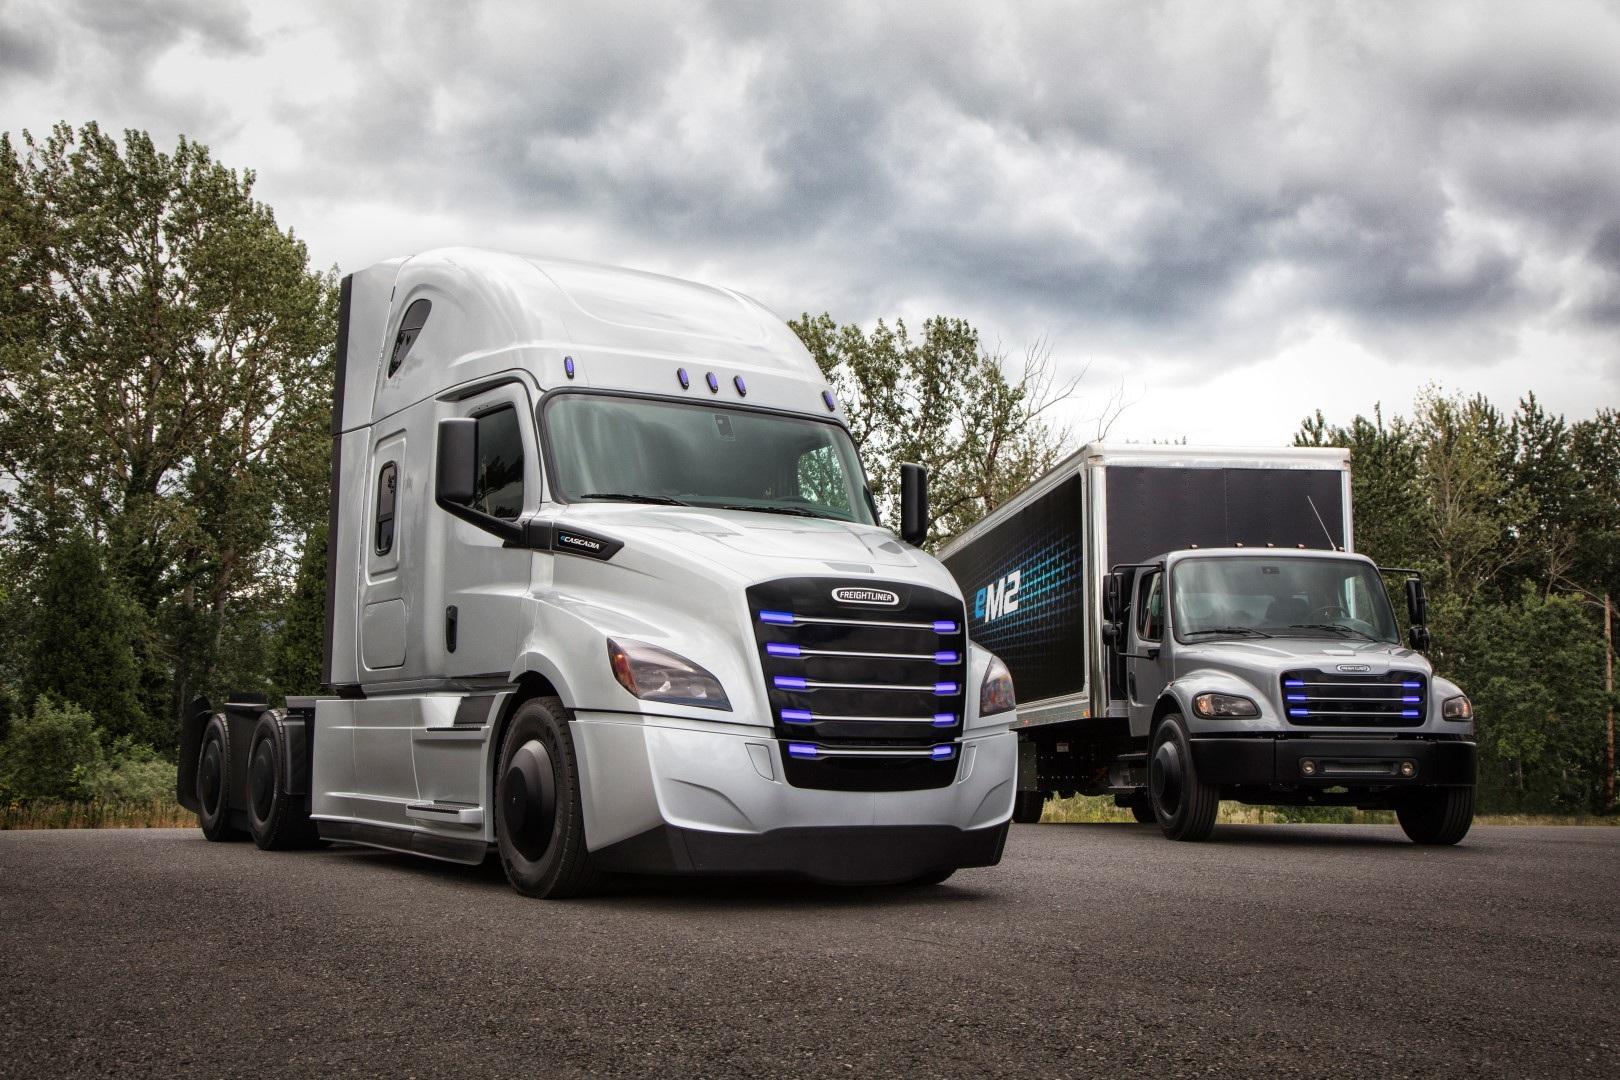 Daimler storsatsar på eldrivna och självkörande lastbilar.